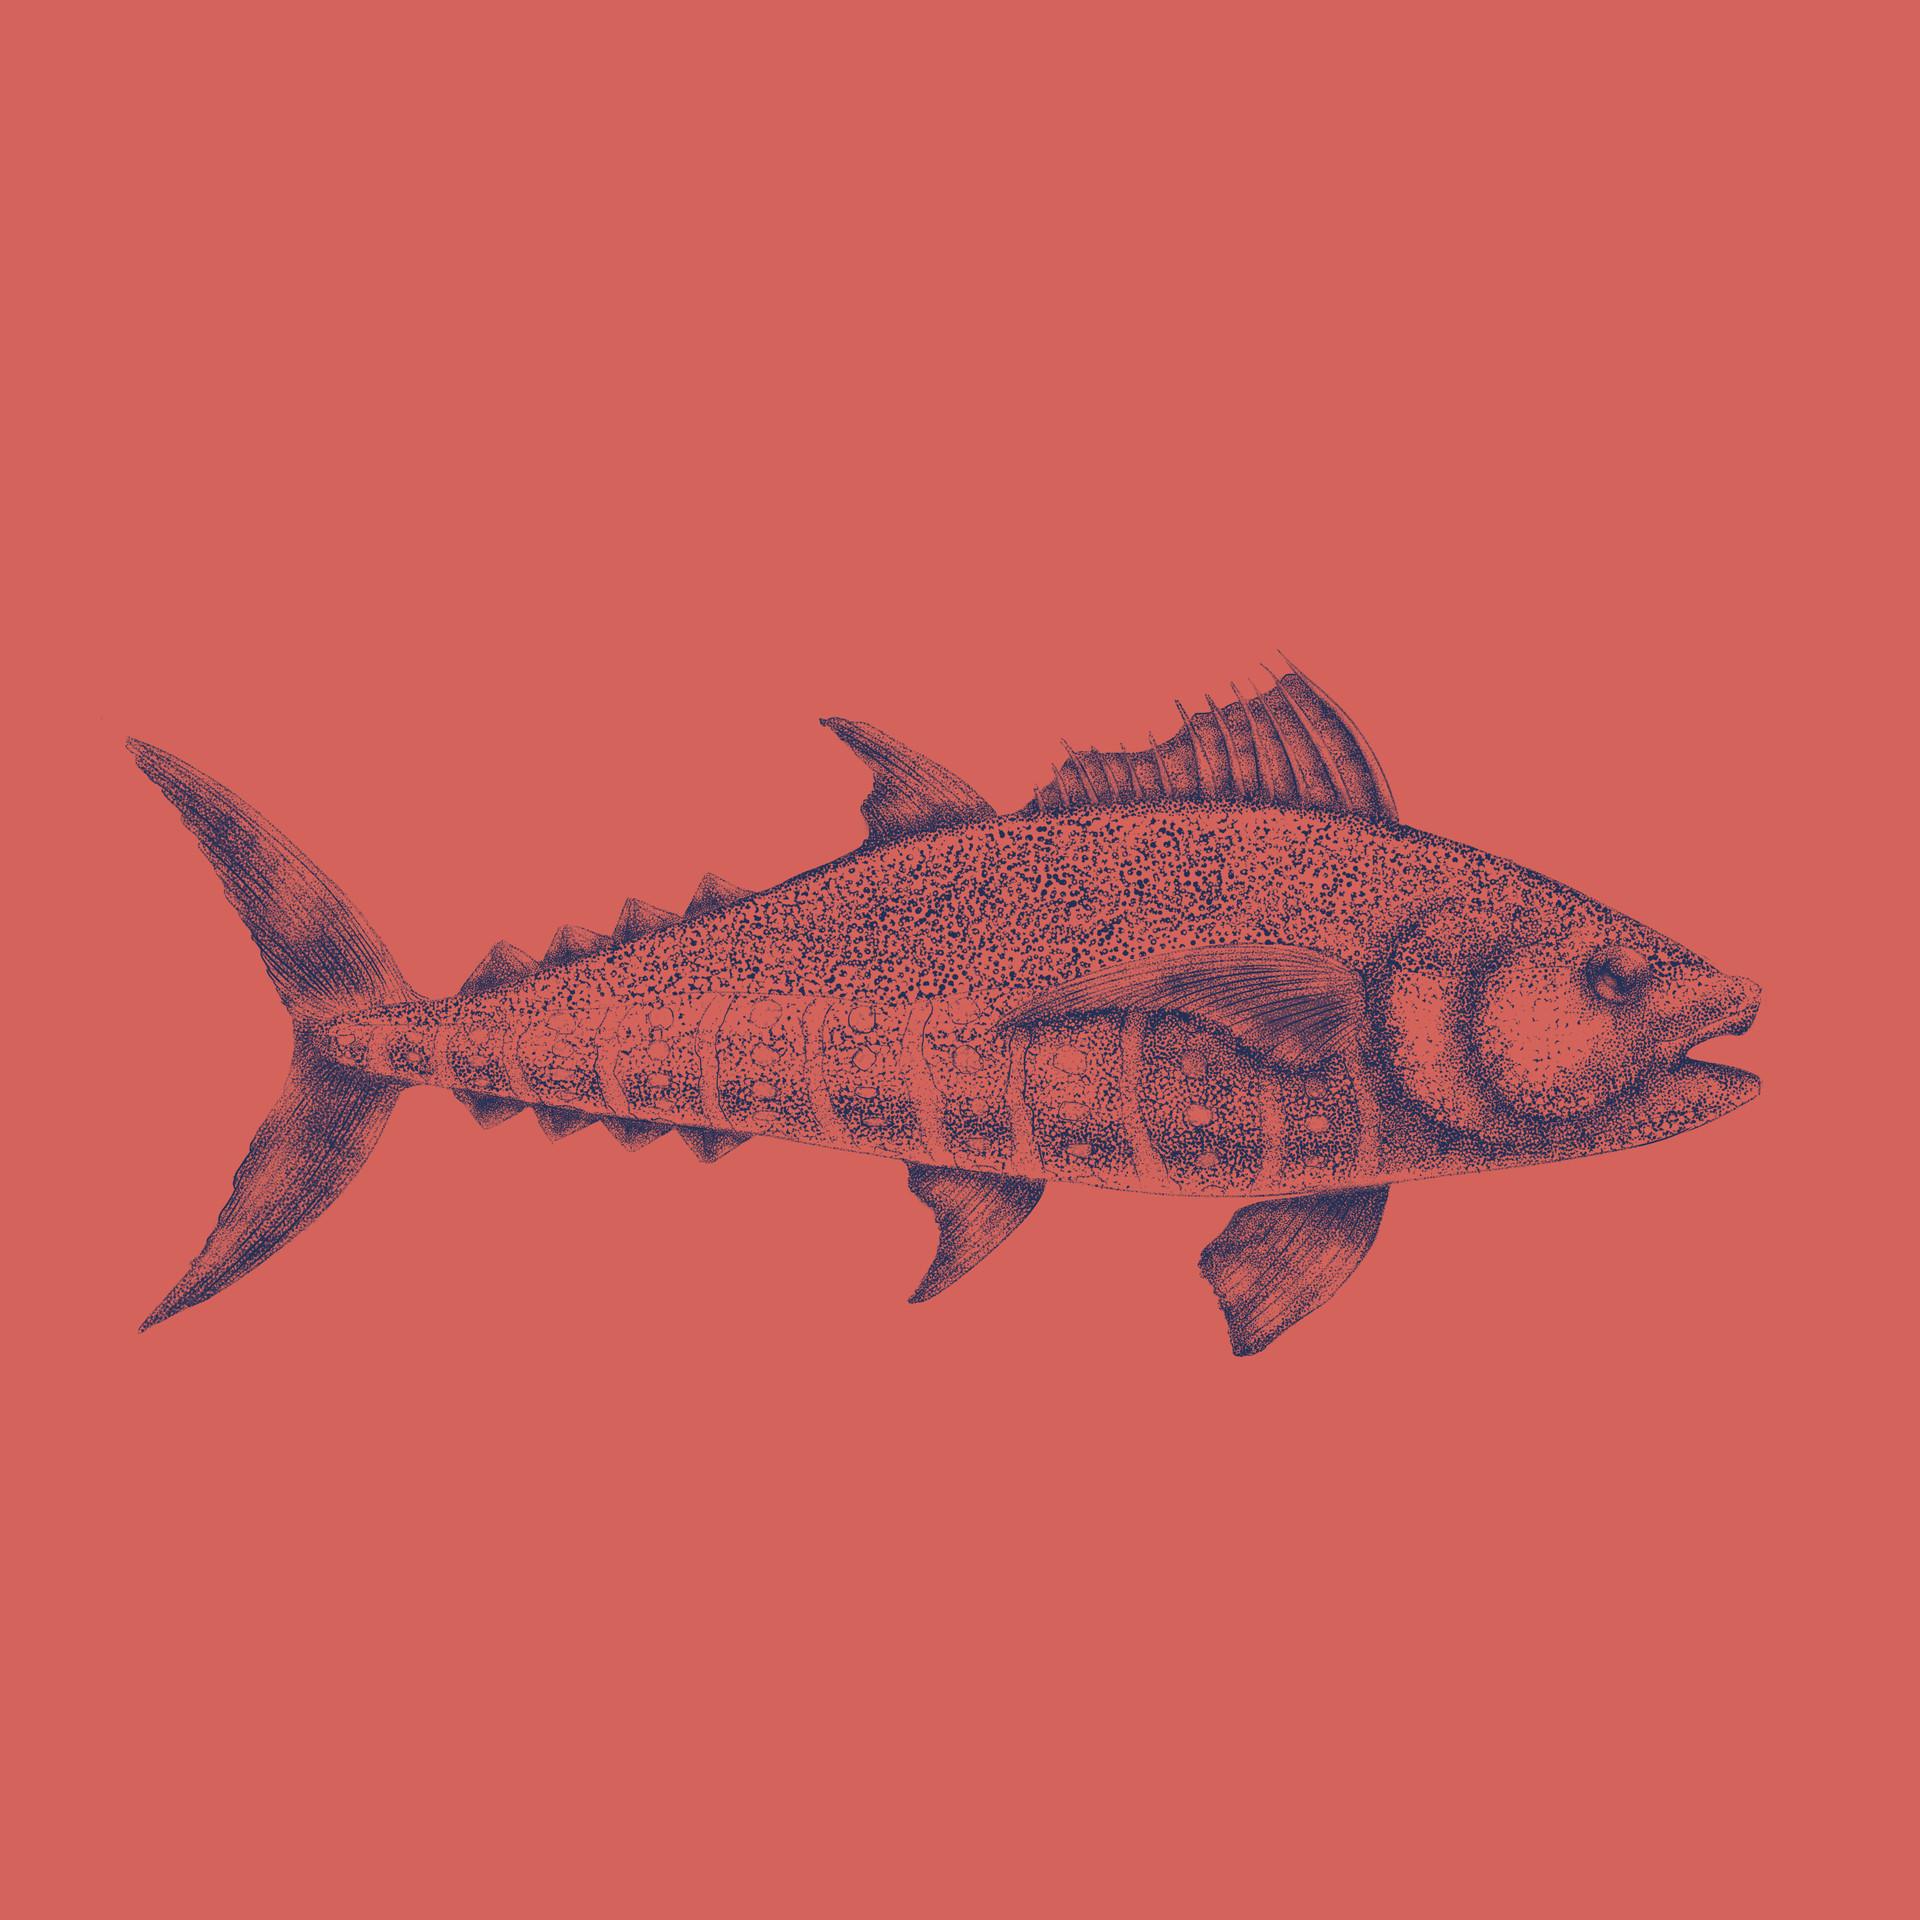 Marcos torres todos insta atum